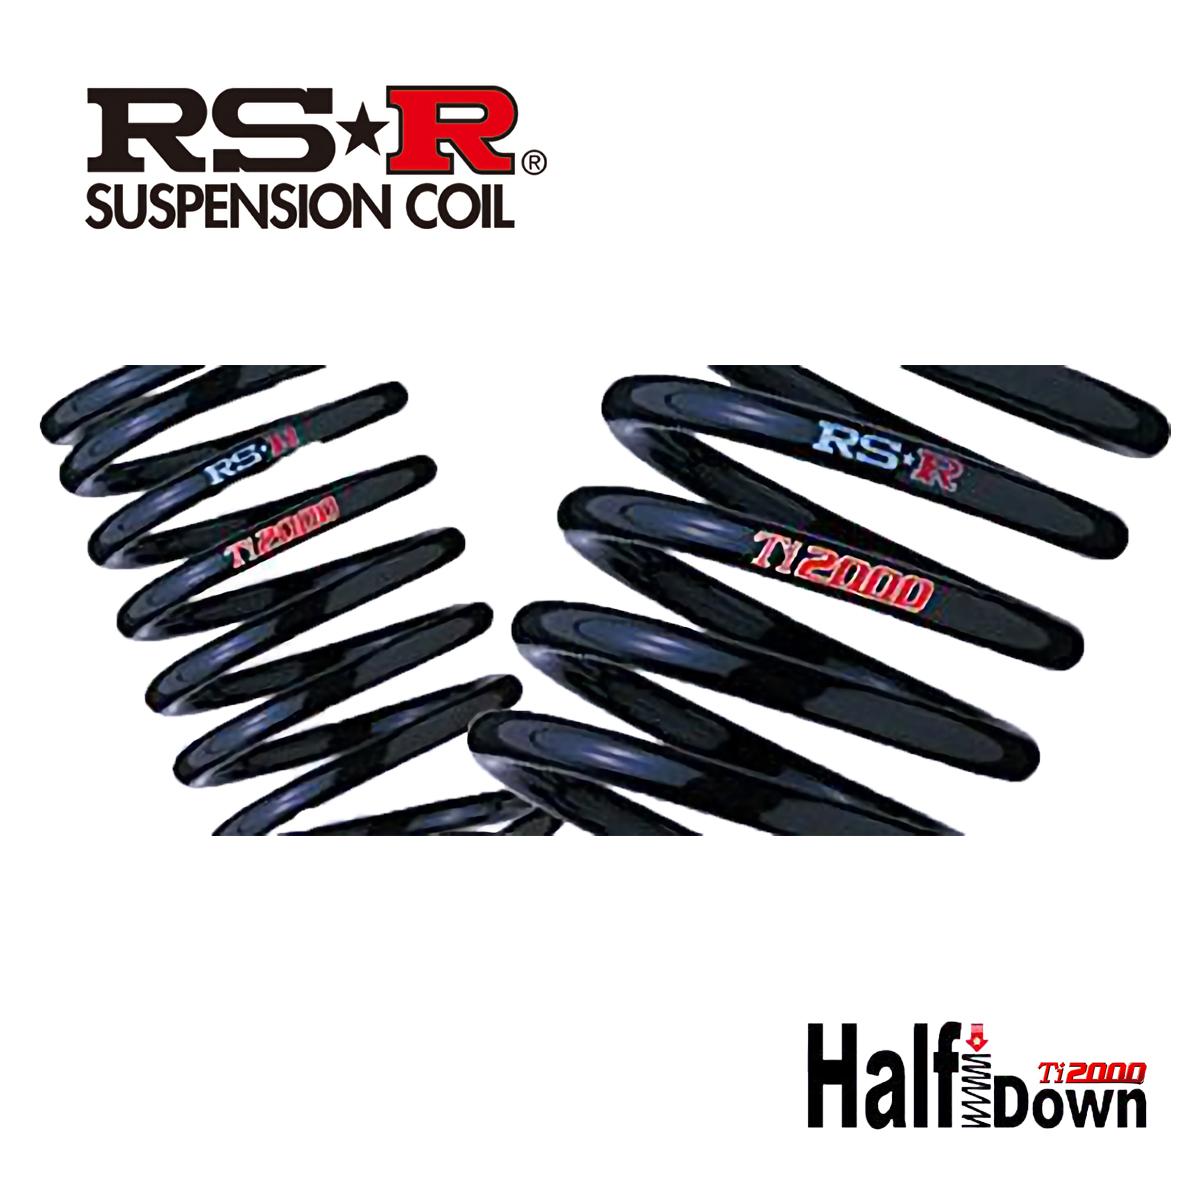 RS-R N-BOXカスタム NBOXカスタム JF4 G・Lターボホンダセンシング ダウンサス スプリング 1台分 H426THD Ti2000 ハーフダウン RSR 個人宅発送追金有